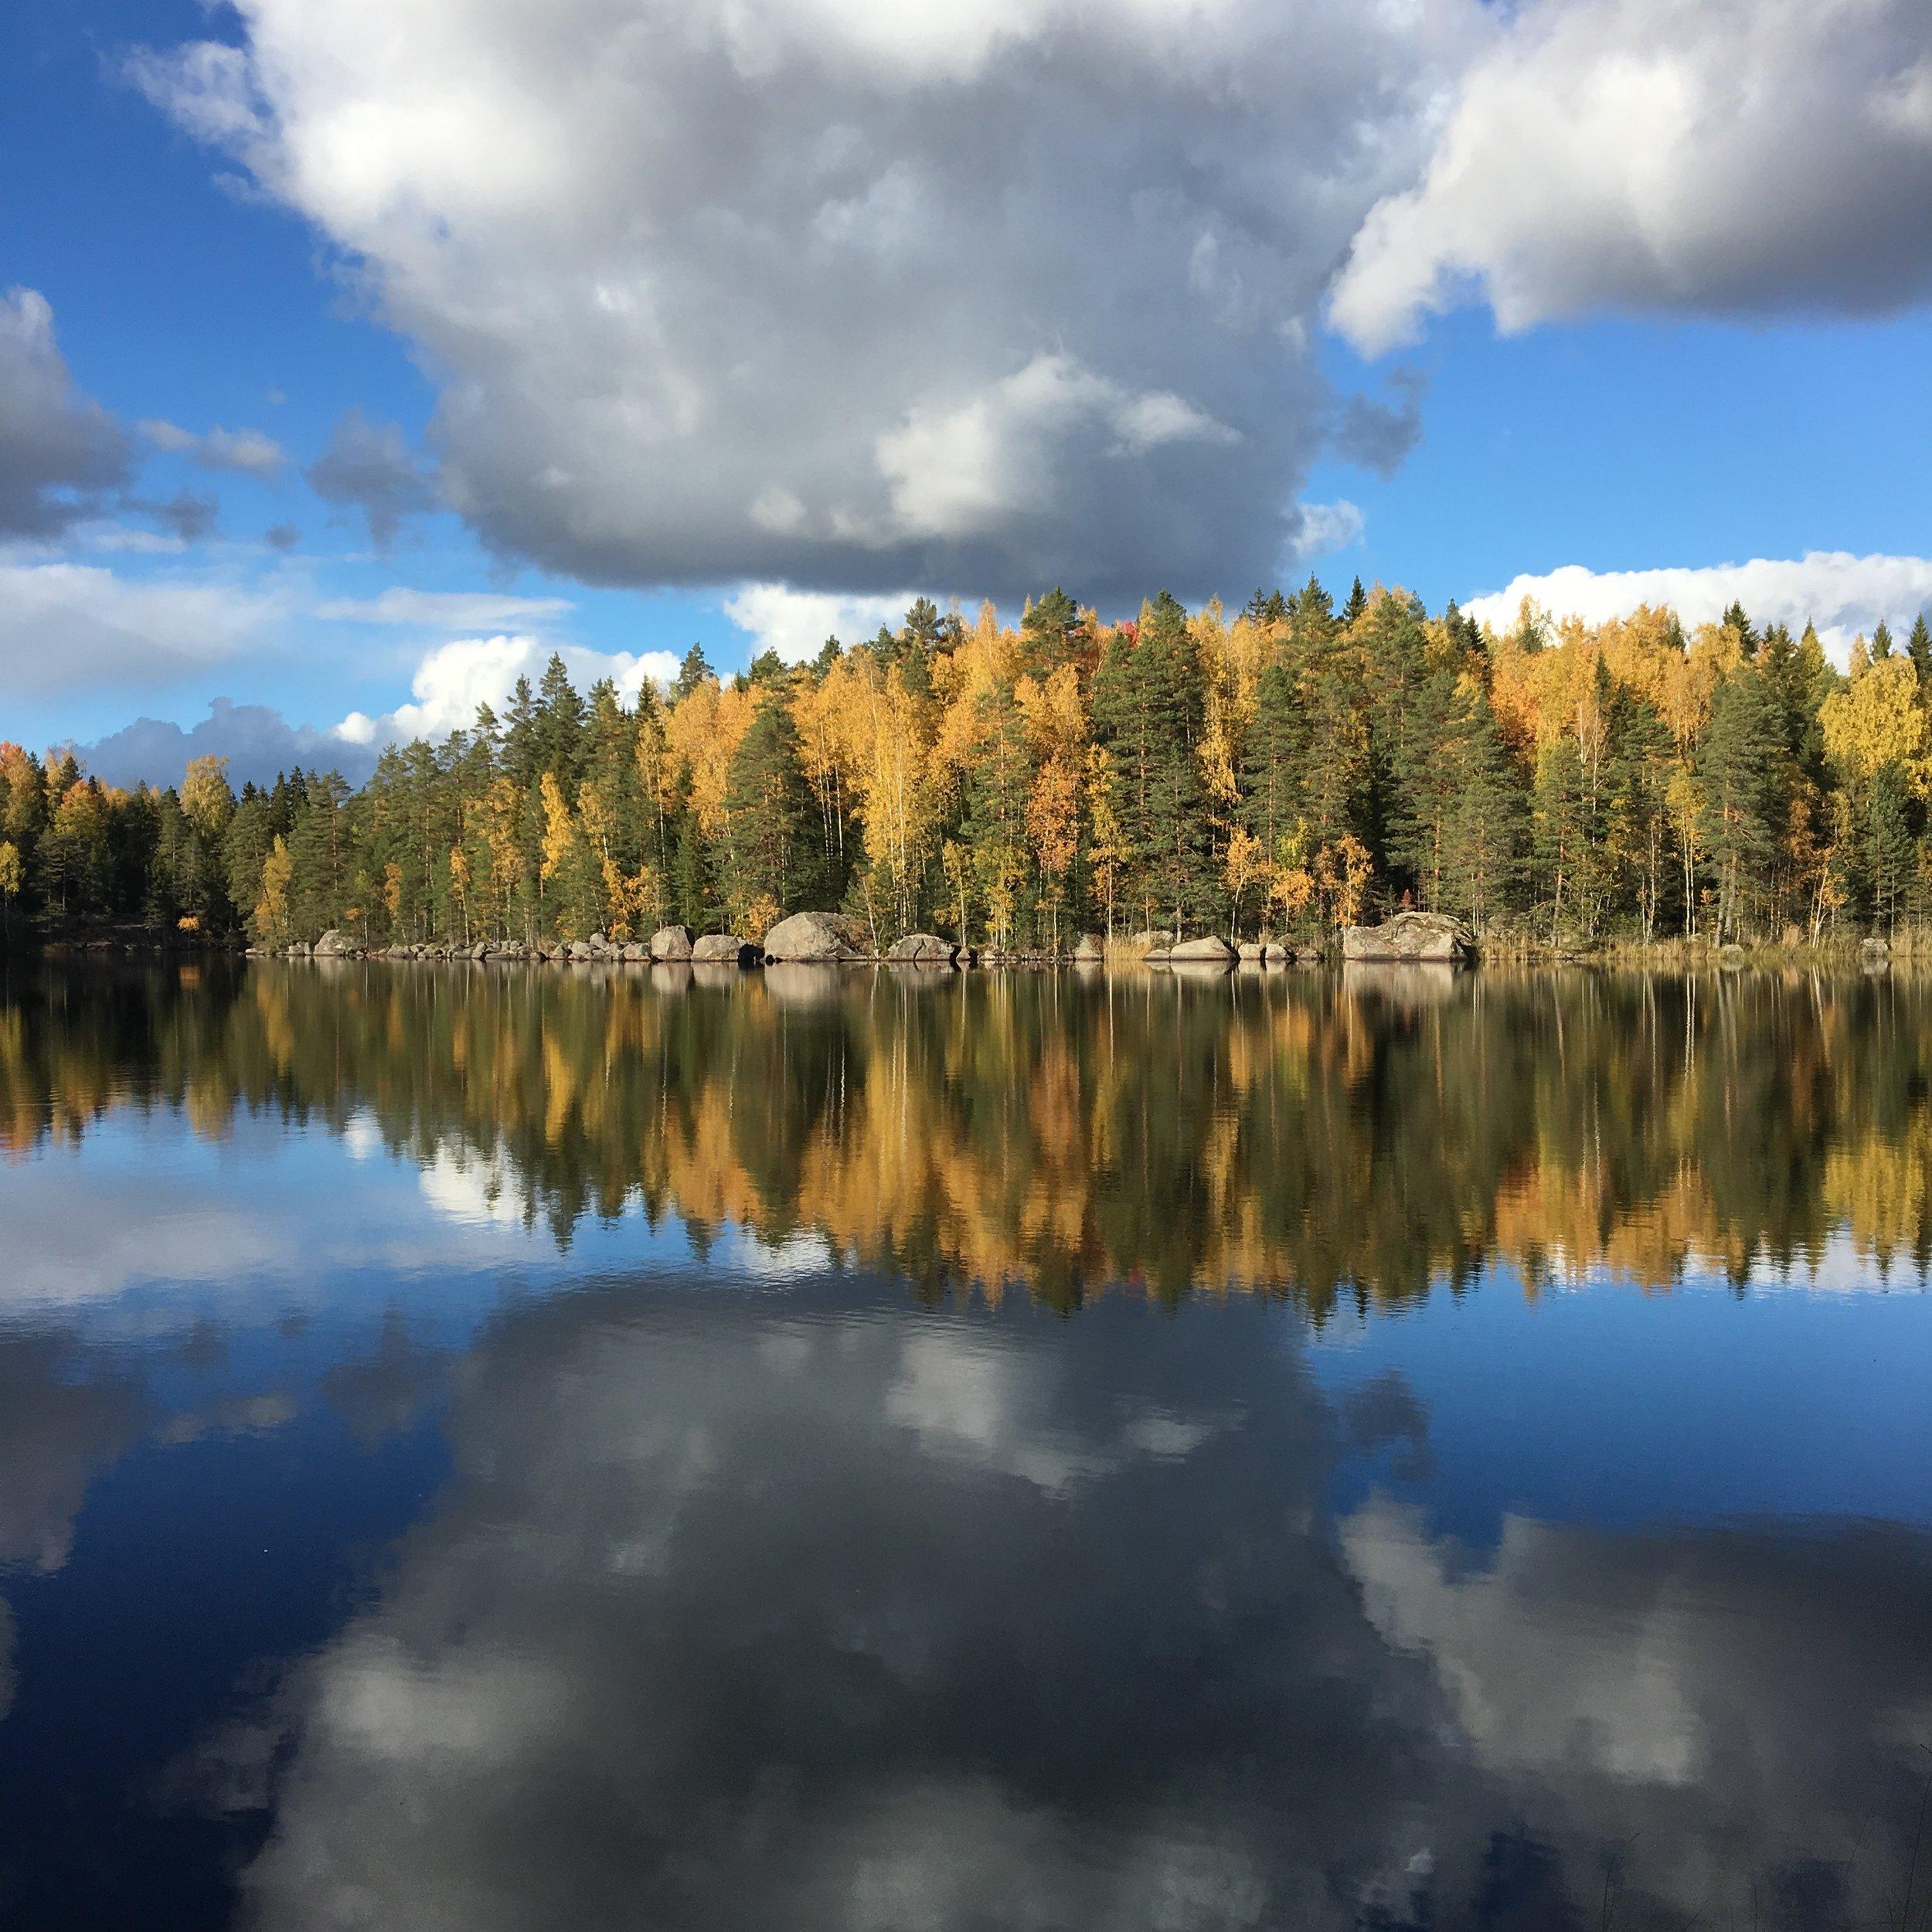 Ritajärven luonnonsuojelualue (a nature preserve near Arteles)